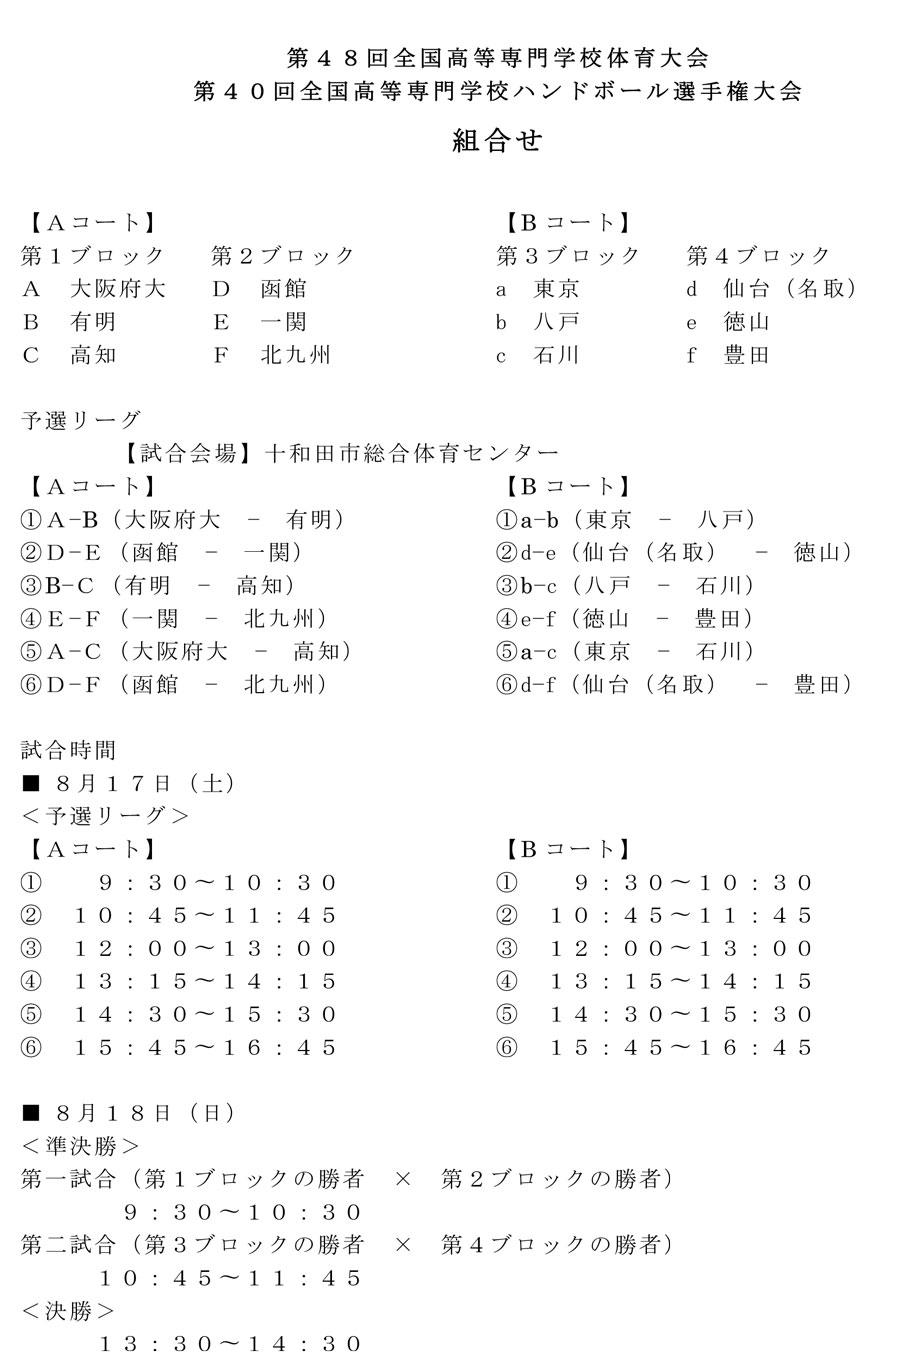 2013kousen_zenkoku_kumiawase